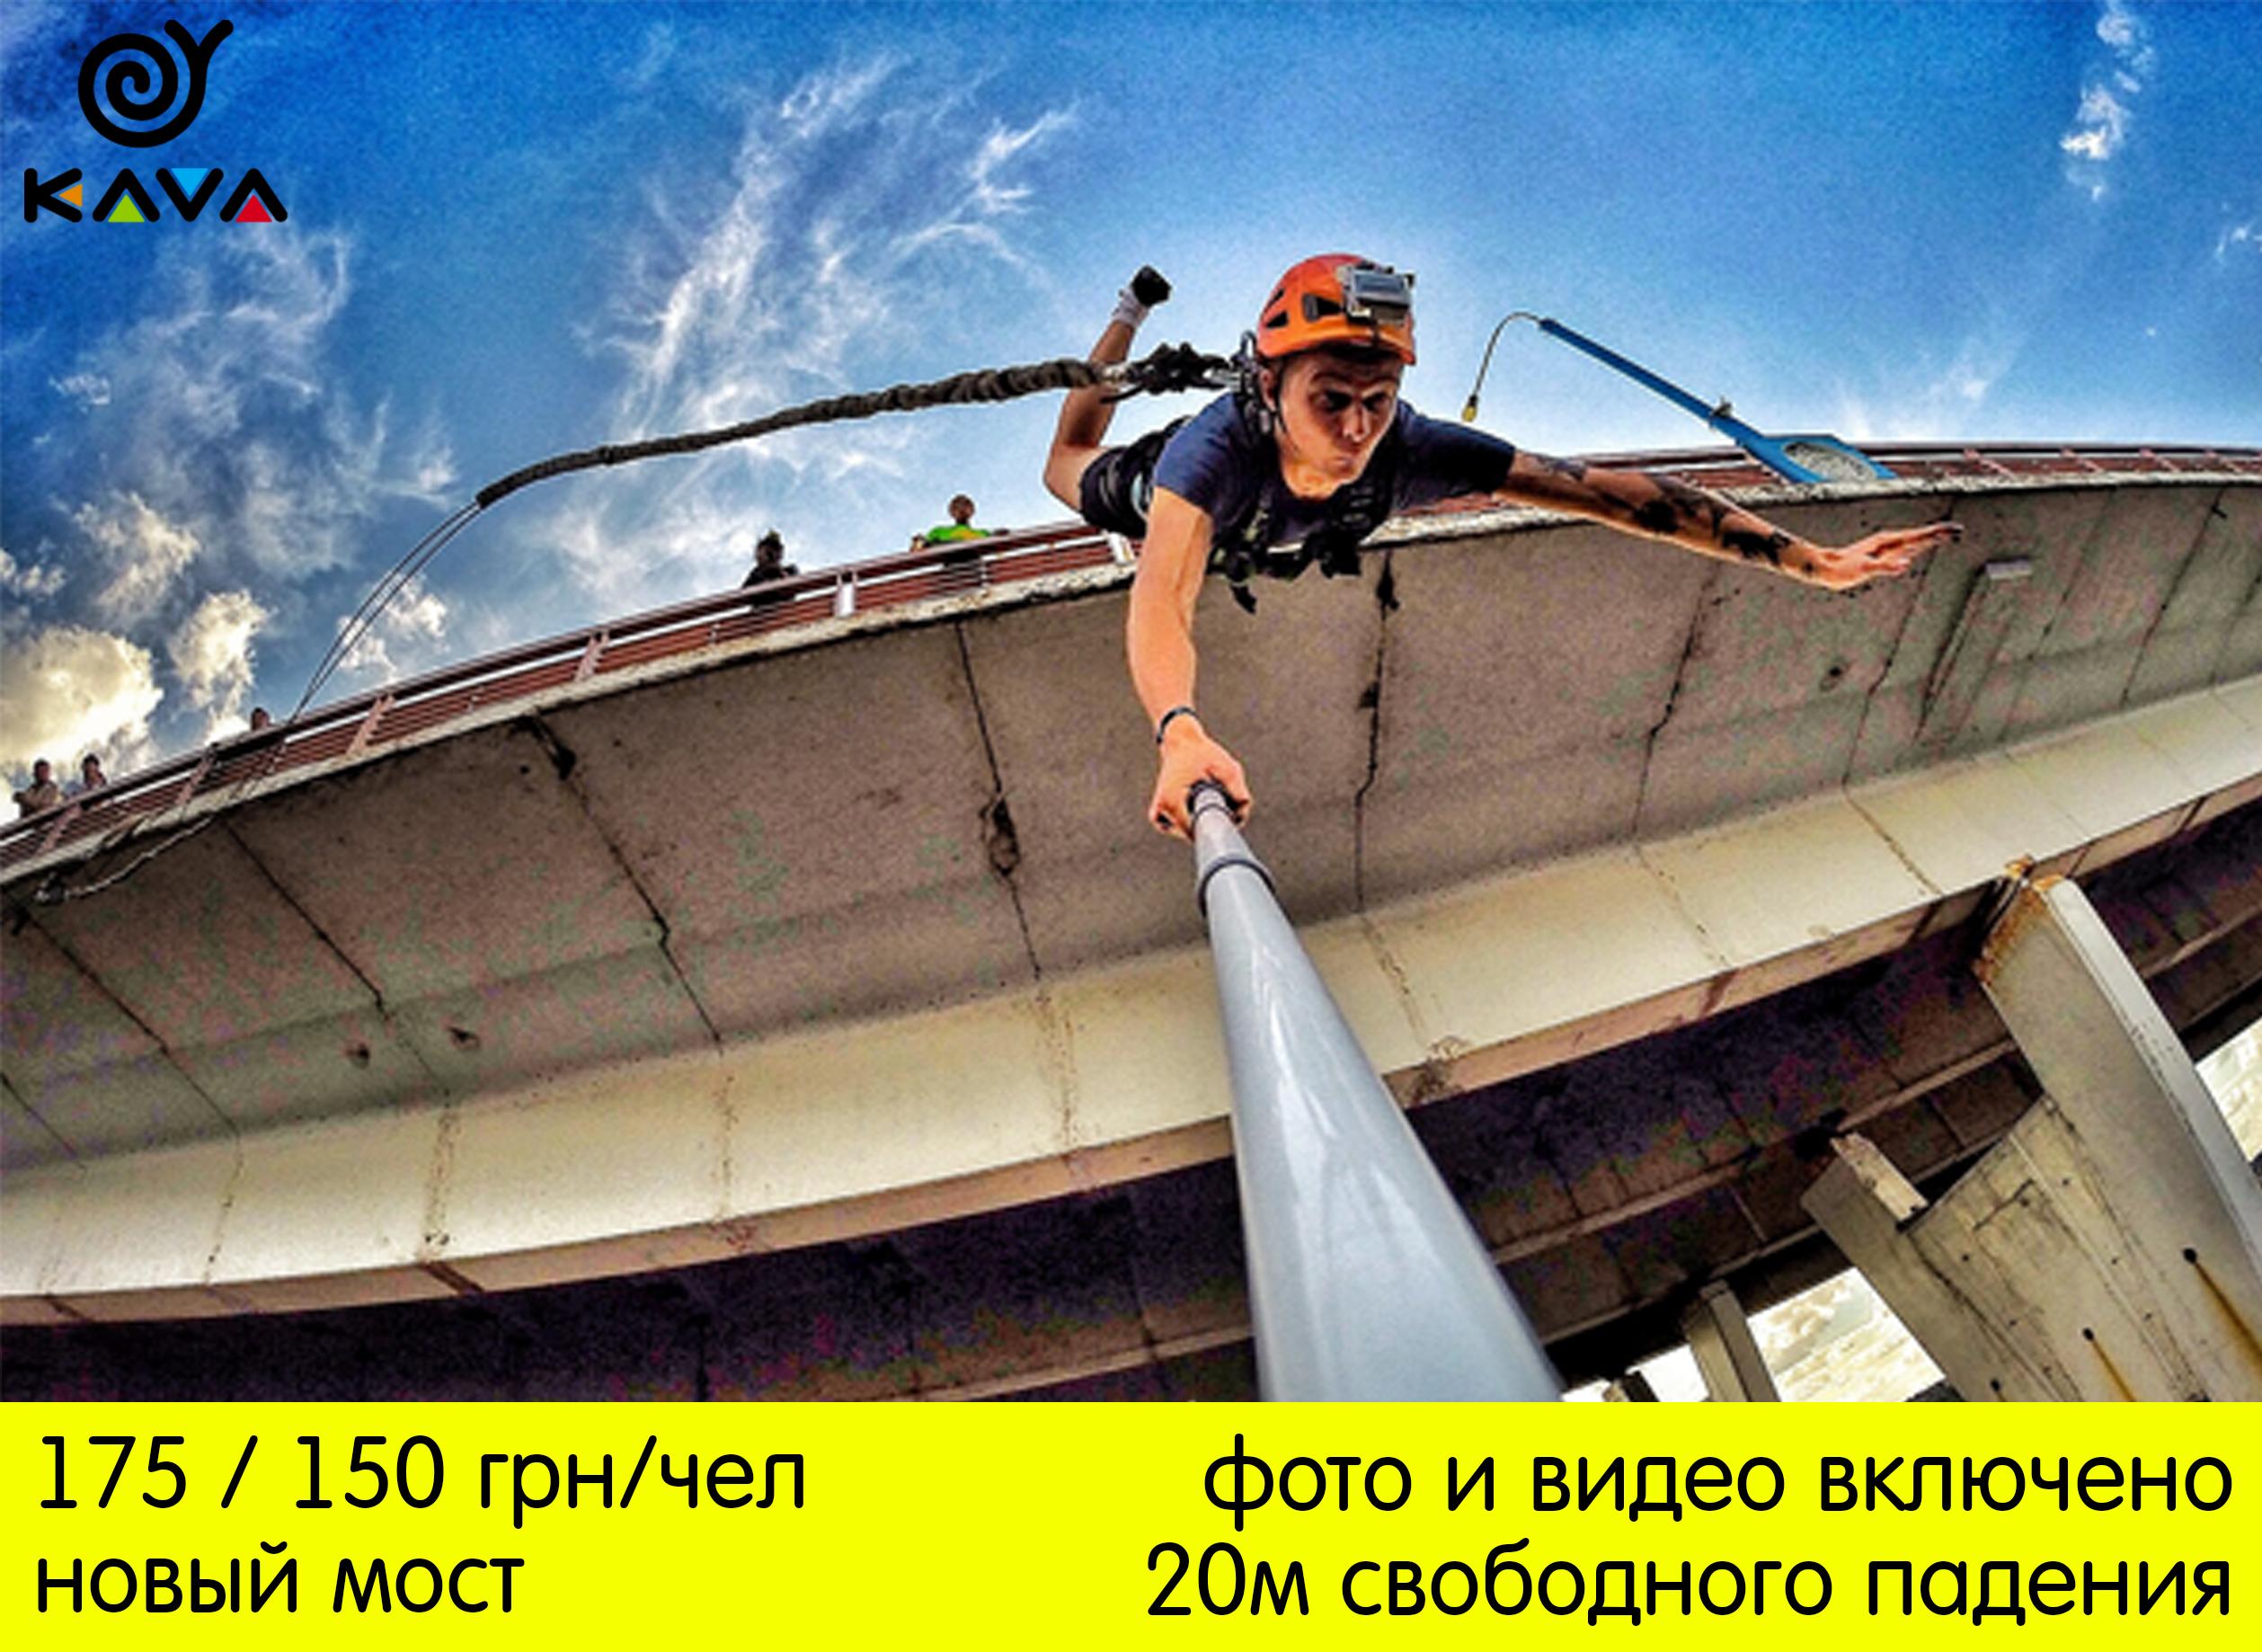 Прыжки с моста в Каменском, КАVA